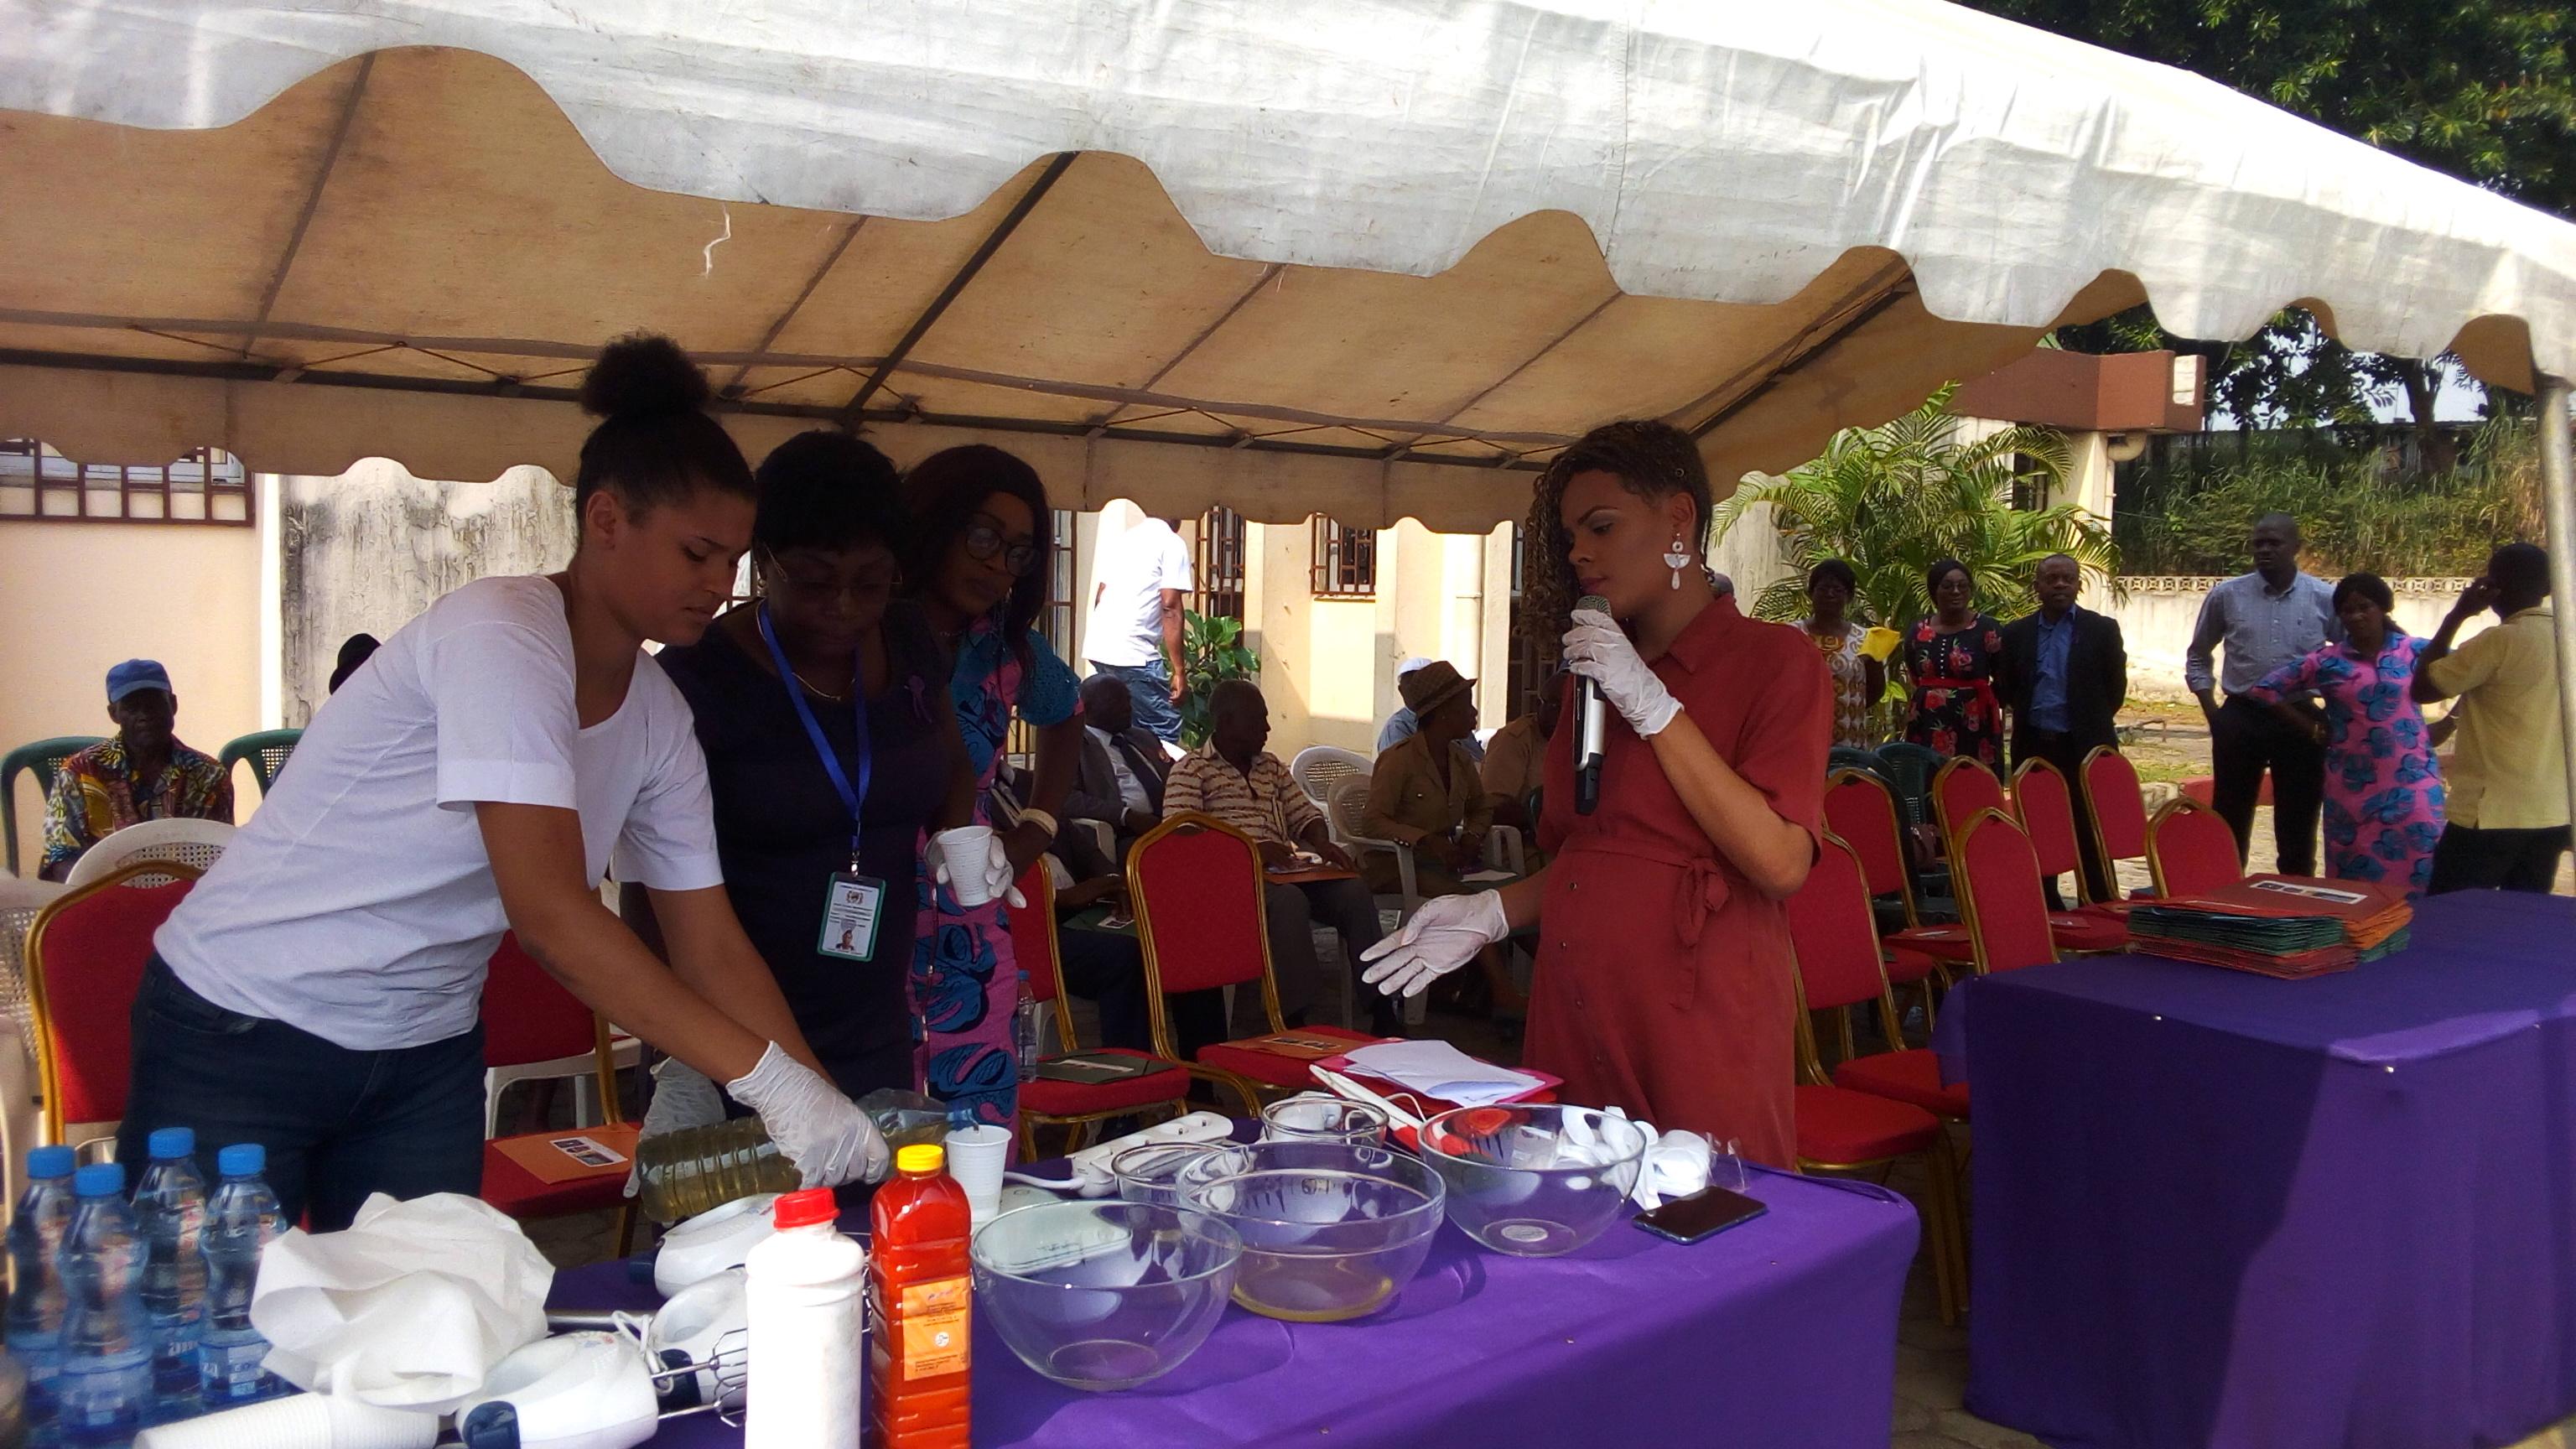 Fondation Sylvia Bongo Ondimba au 5eme arrondissement de Libreville: un atelier de formation de fabrication des savons et des huiles essentielles en marge de la cérémonie!